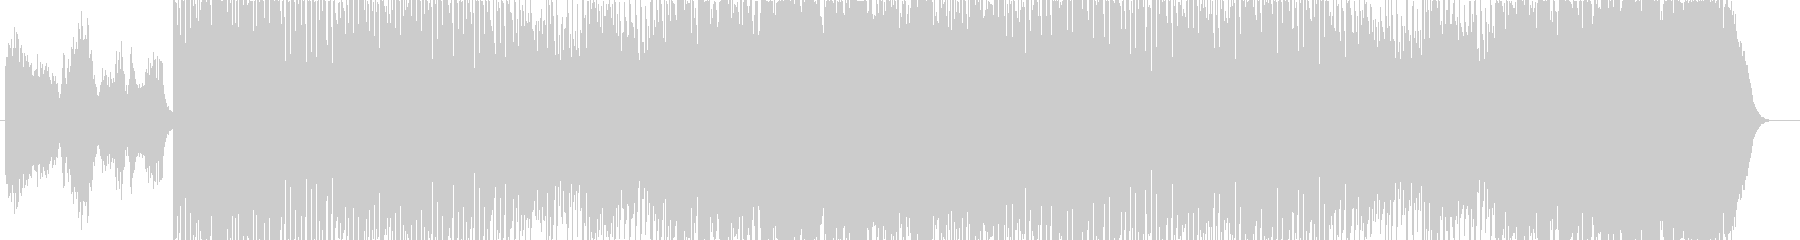 物の怪さんが暴れまくる音楽の未再生の波形